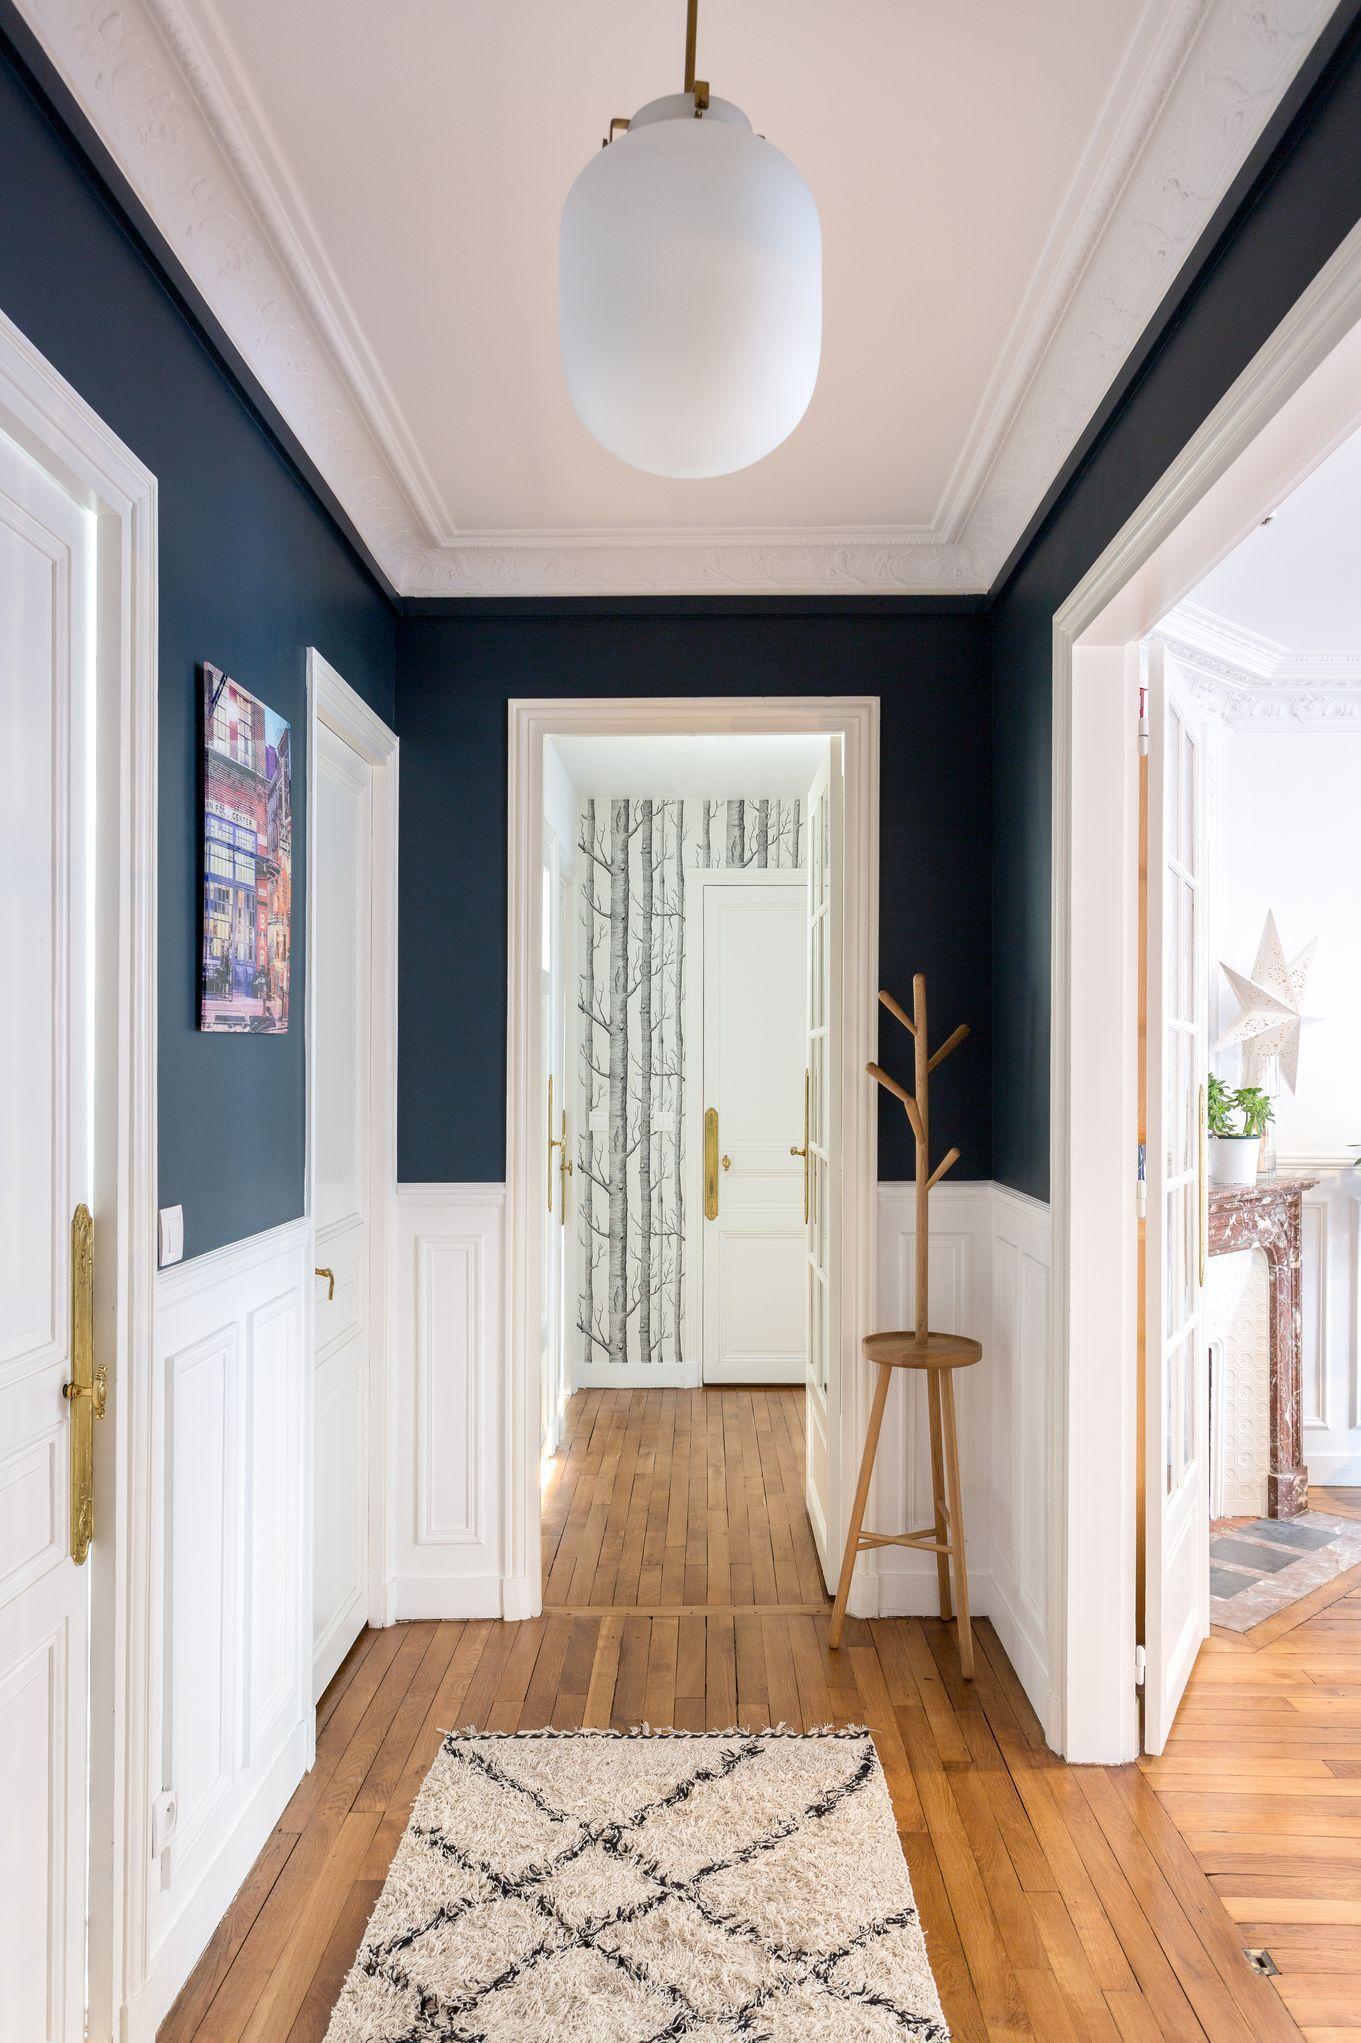 Idée Peinture Couloir Et Entrée peinture couloir : quelle couleur pour plus d'éclat | idée